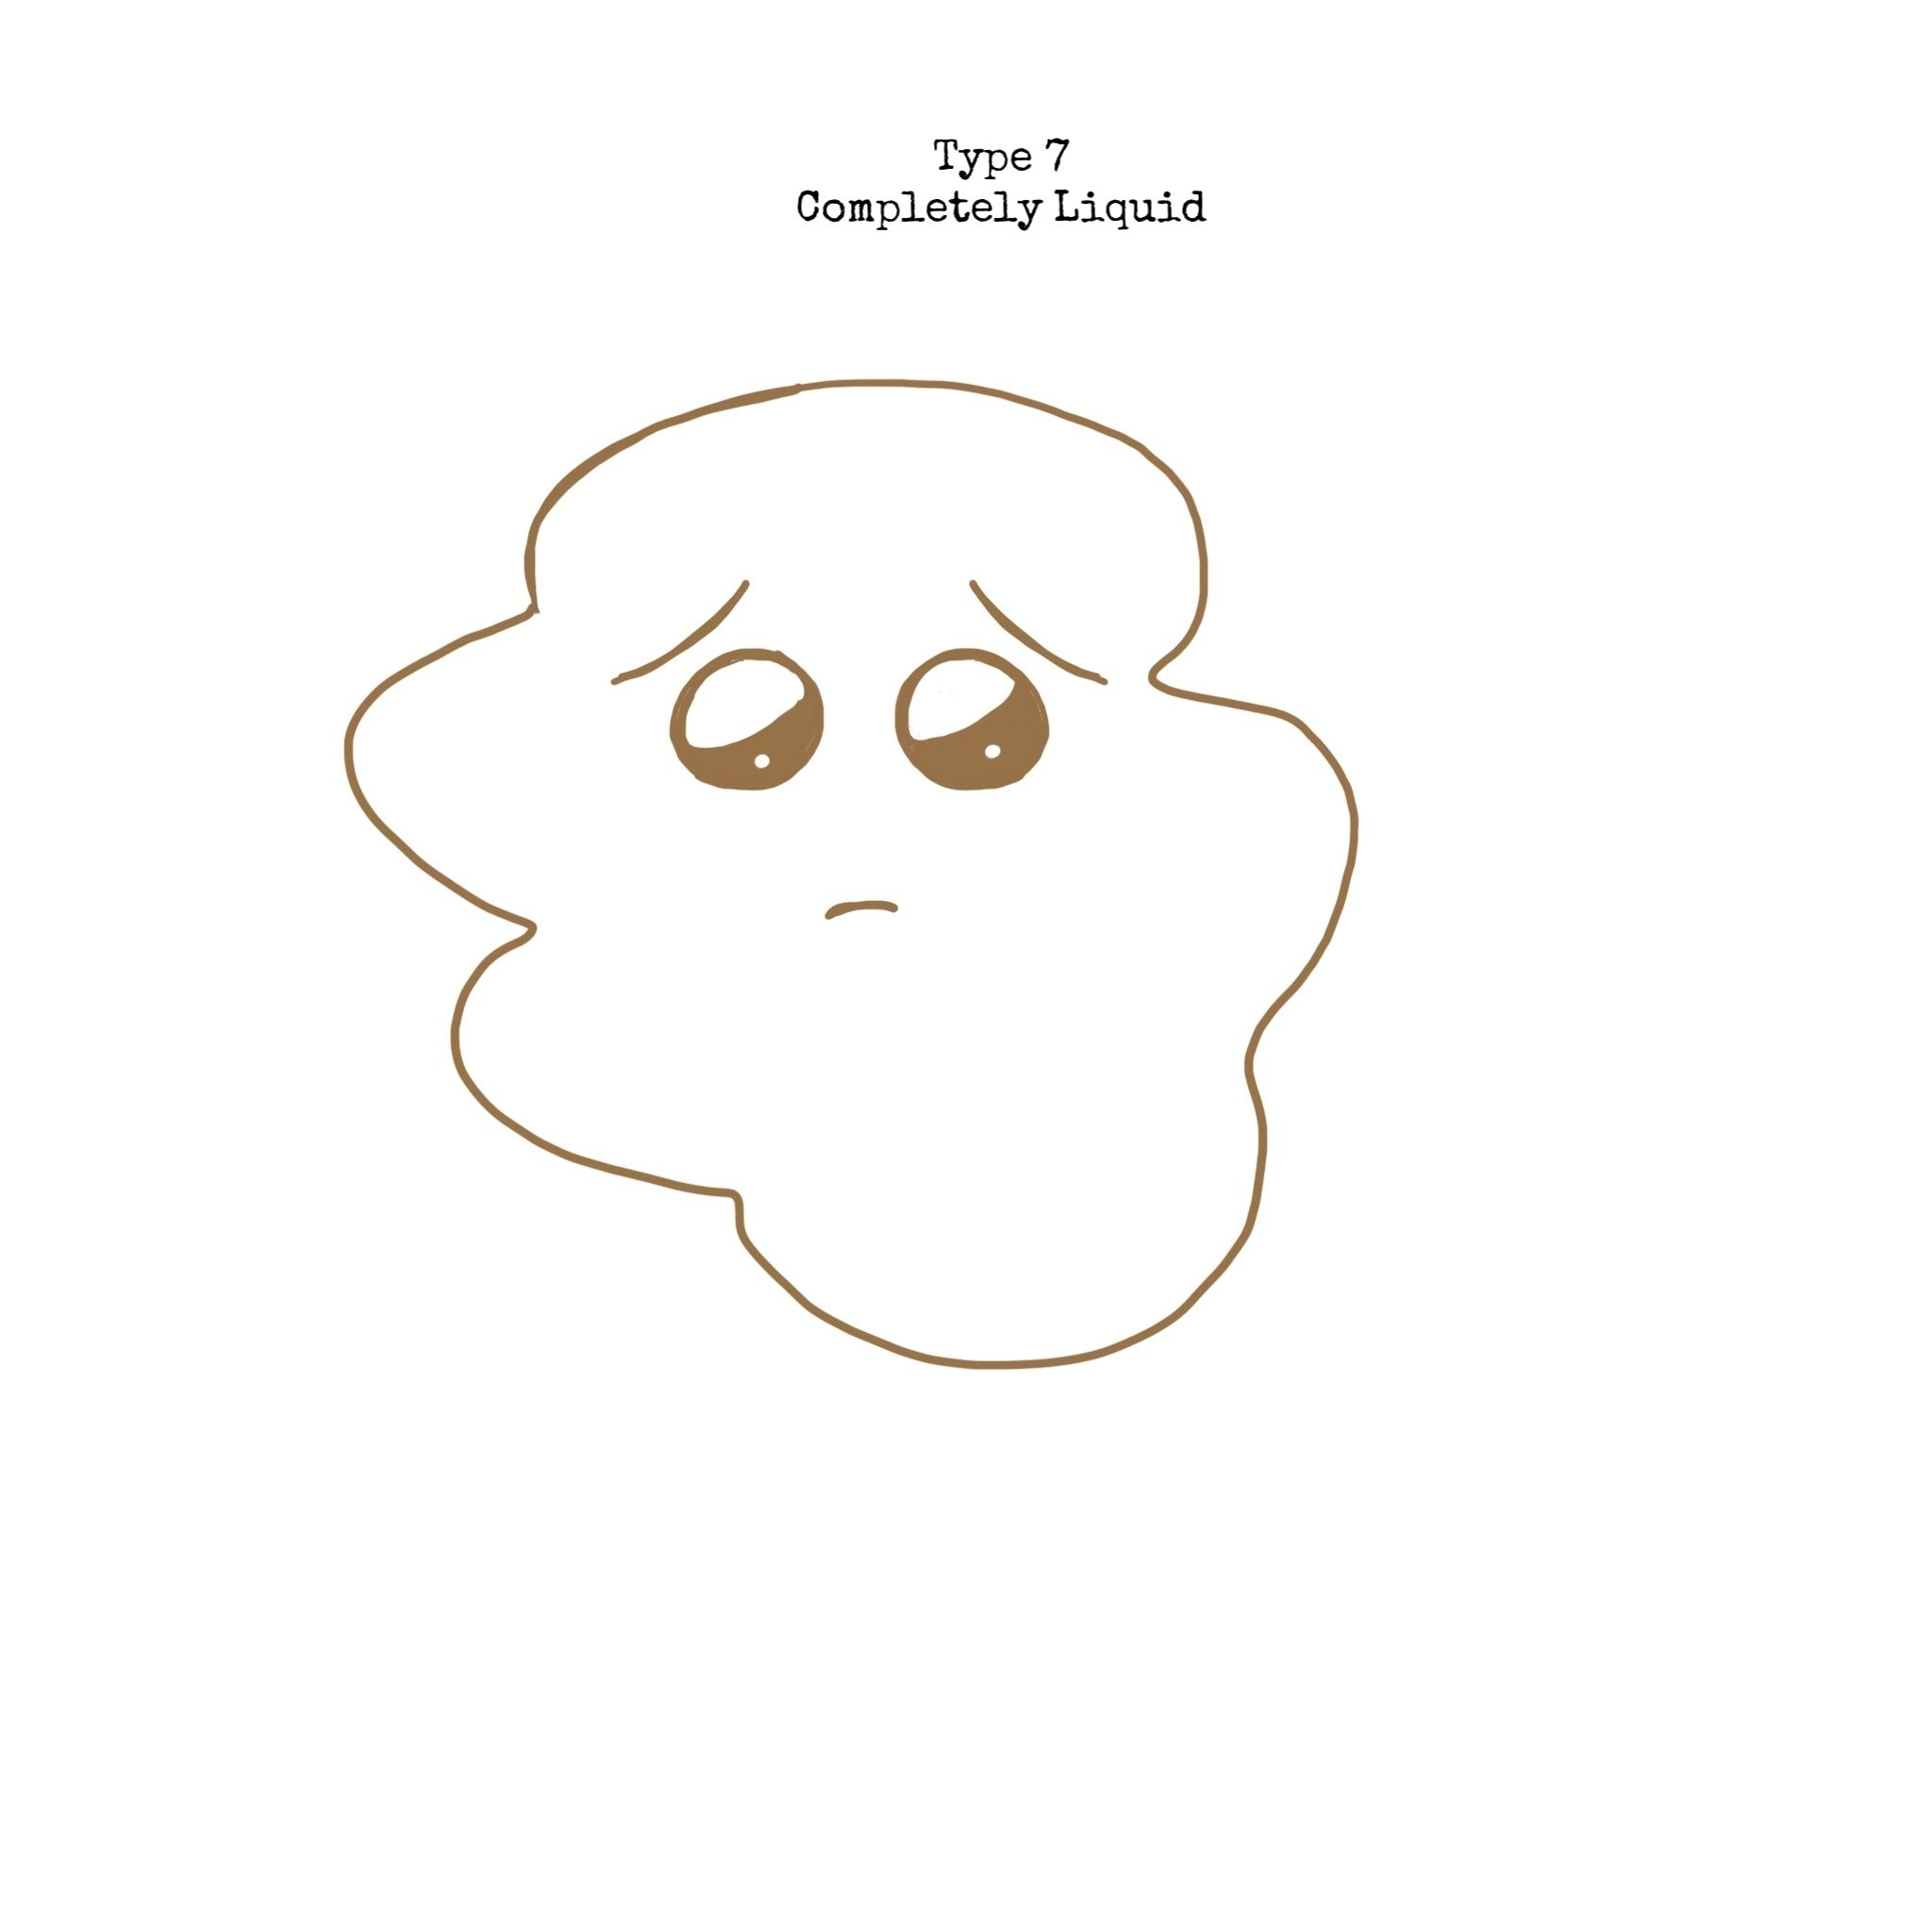 Type 7 - Entirely Liquid